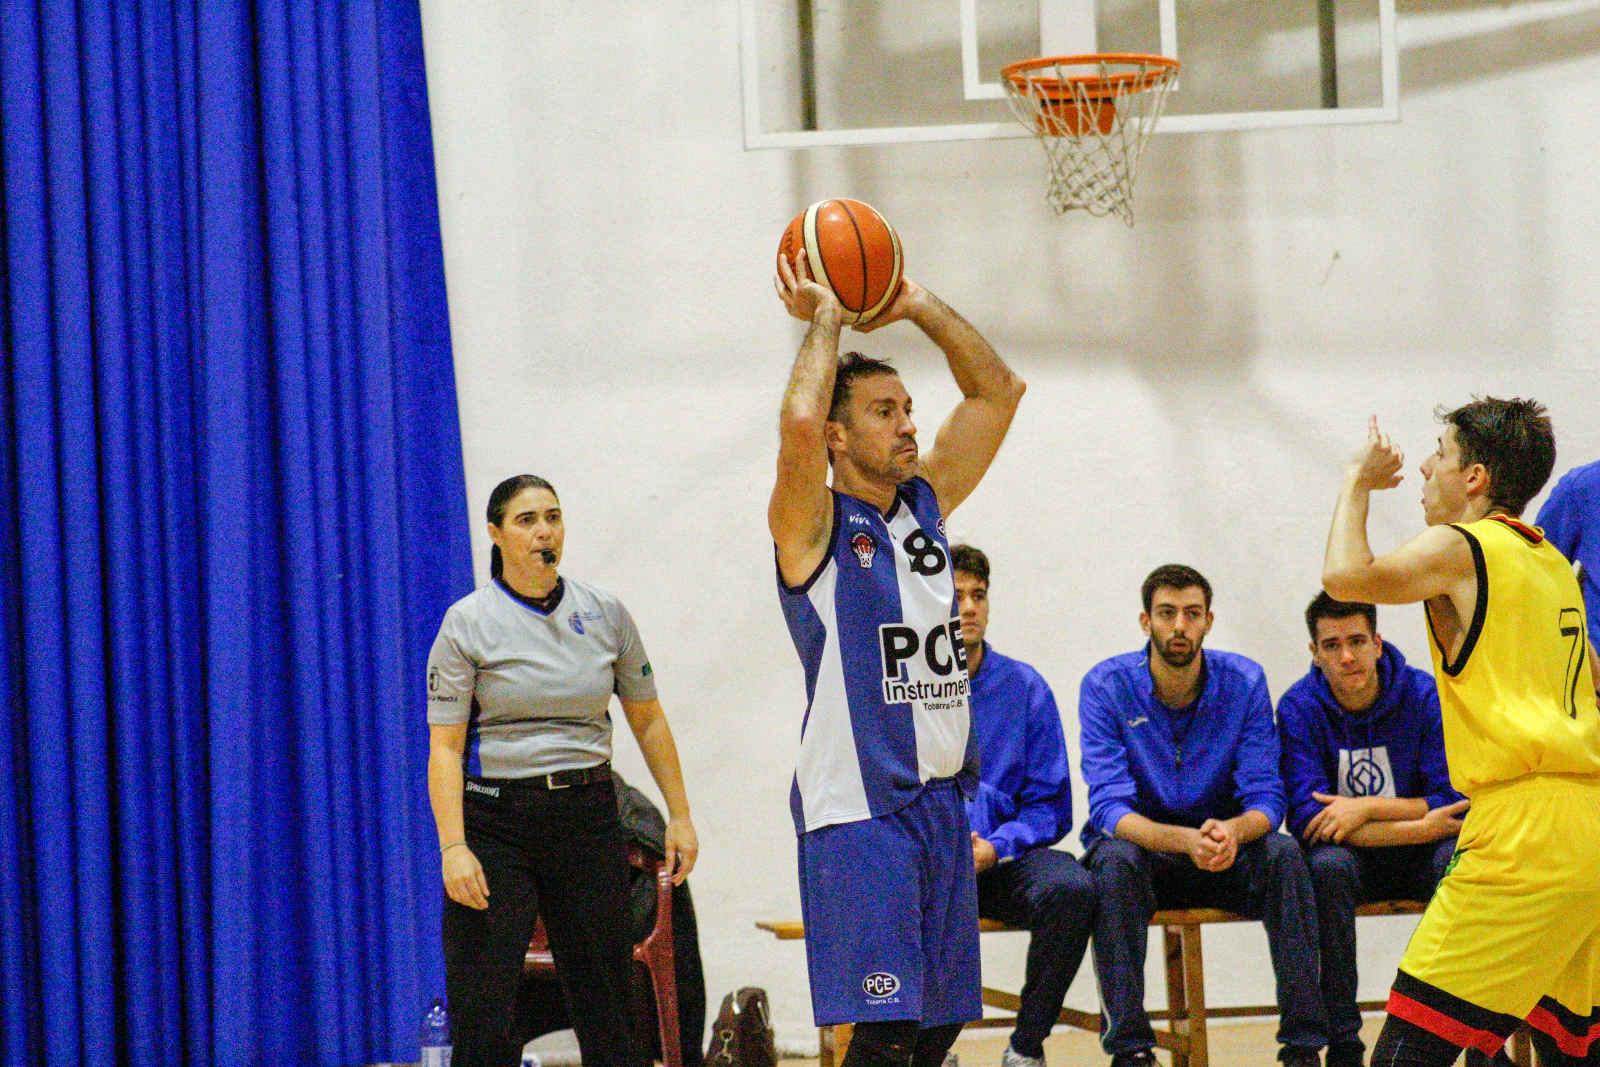 Diego Fox con el PCE Instruments Tobarra